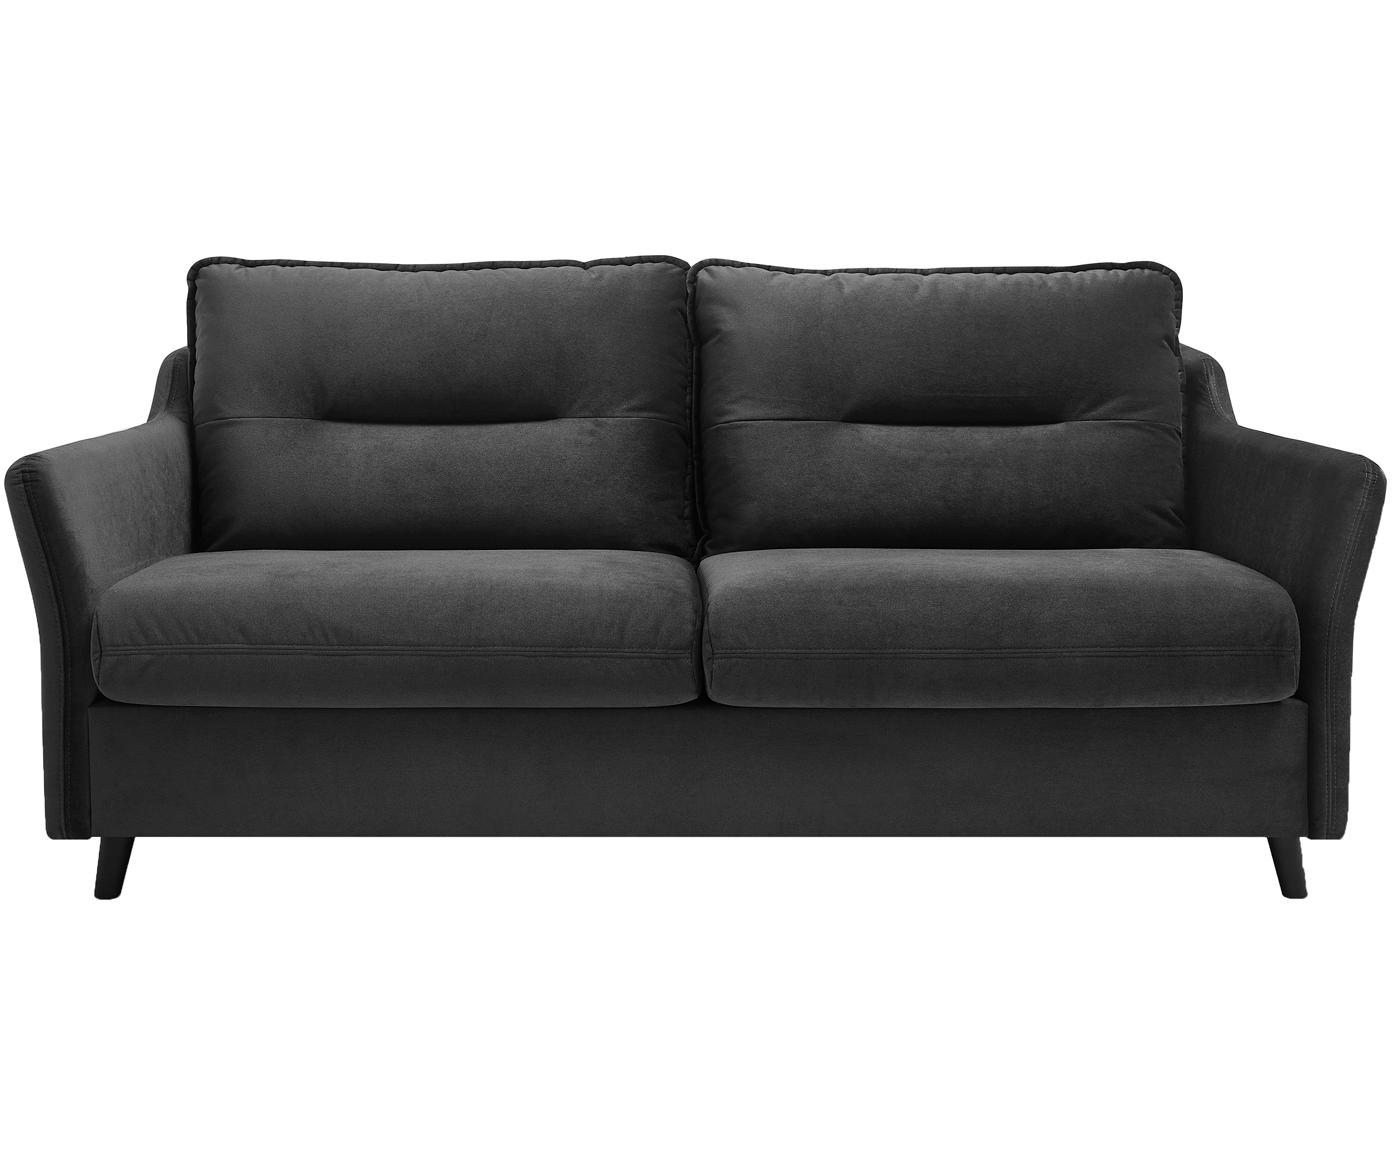 Sofa rozkładana z aksamitu Loft (3-osobowa), Tapicerka: 100% aksamit poliestrowy, Nogi: metal lakierowany, Ciemny szary, S 191 x G 100 cm